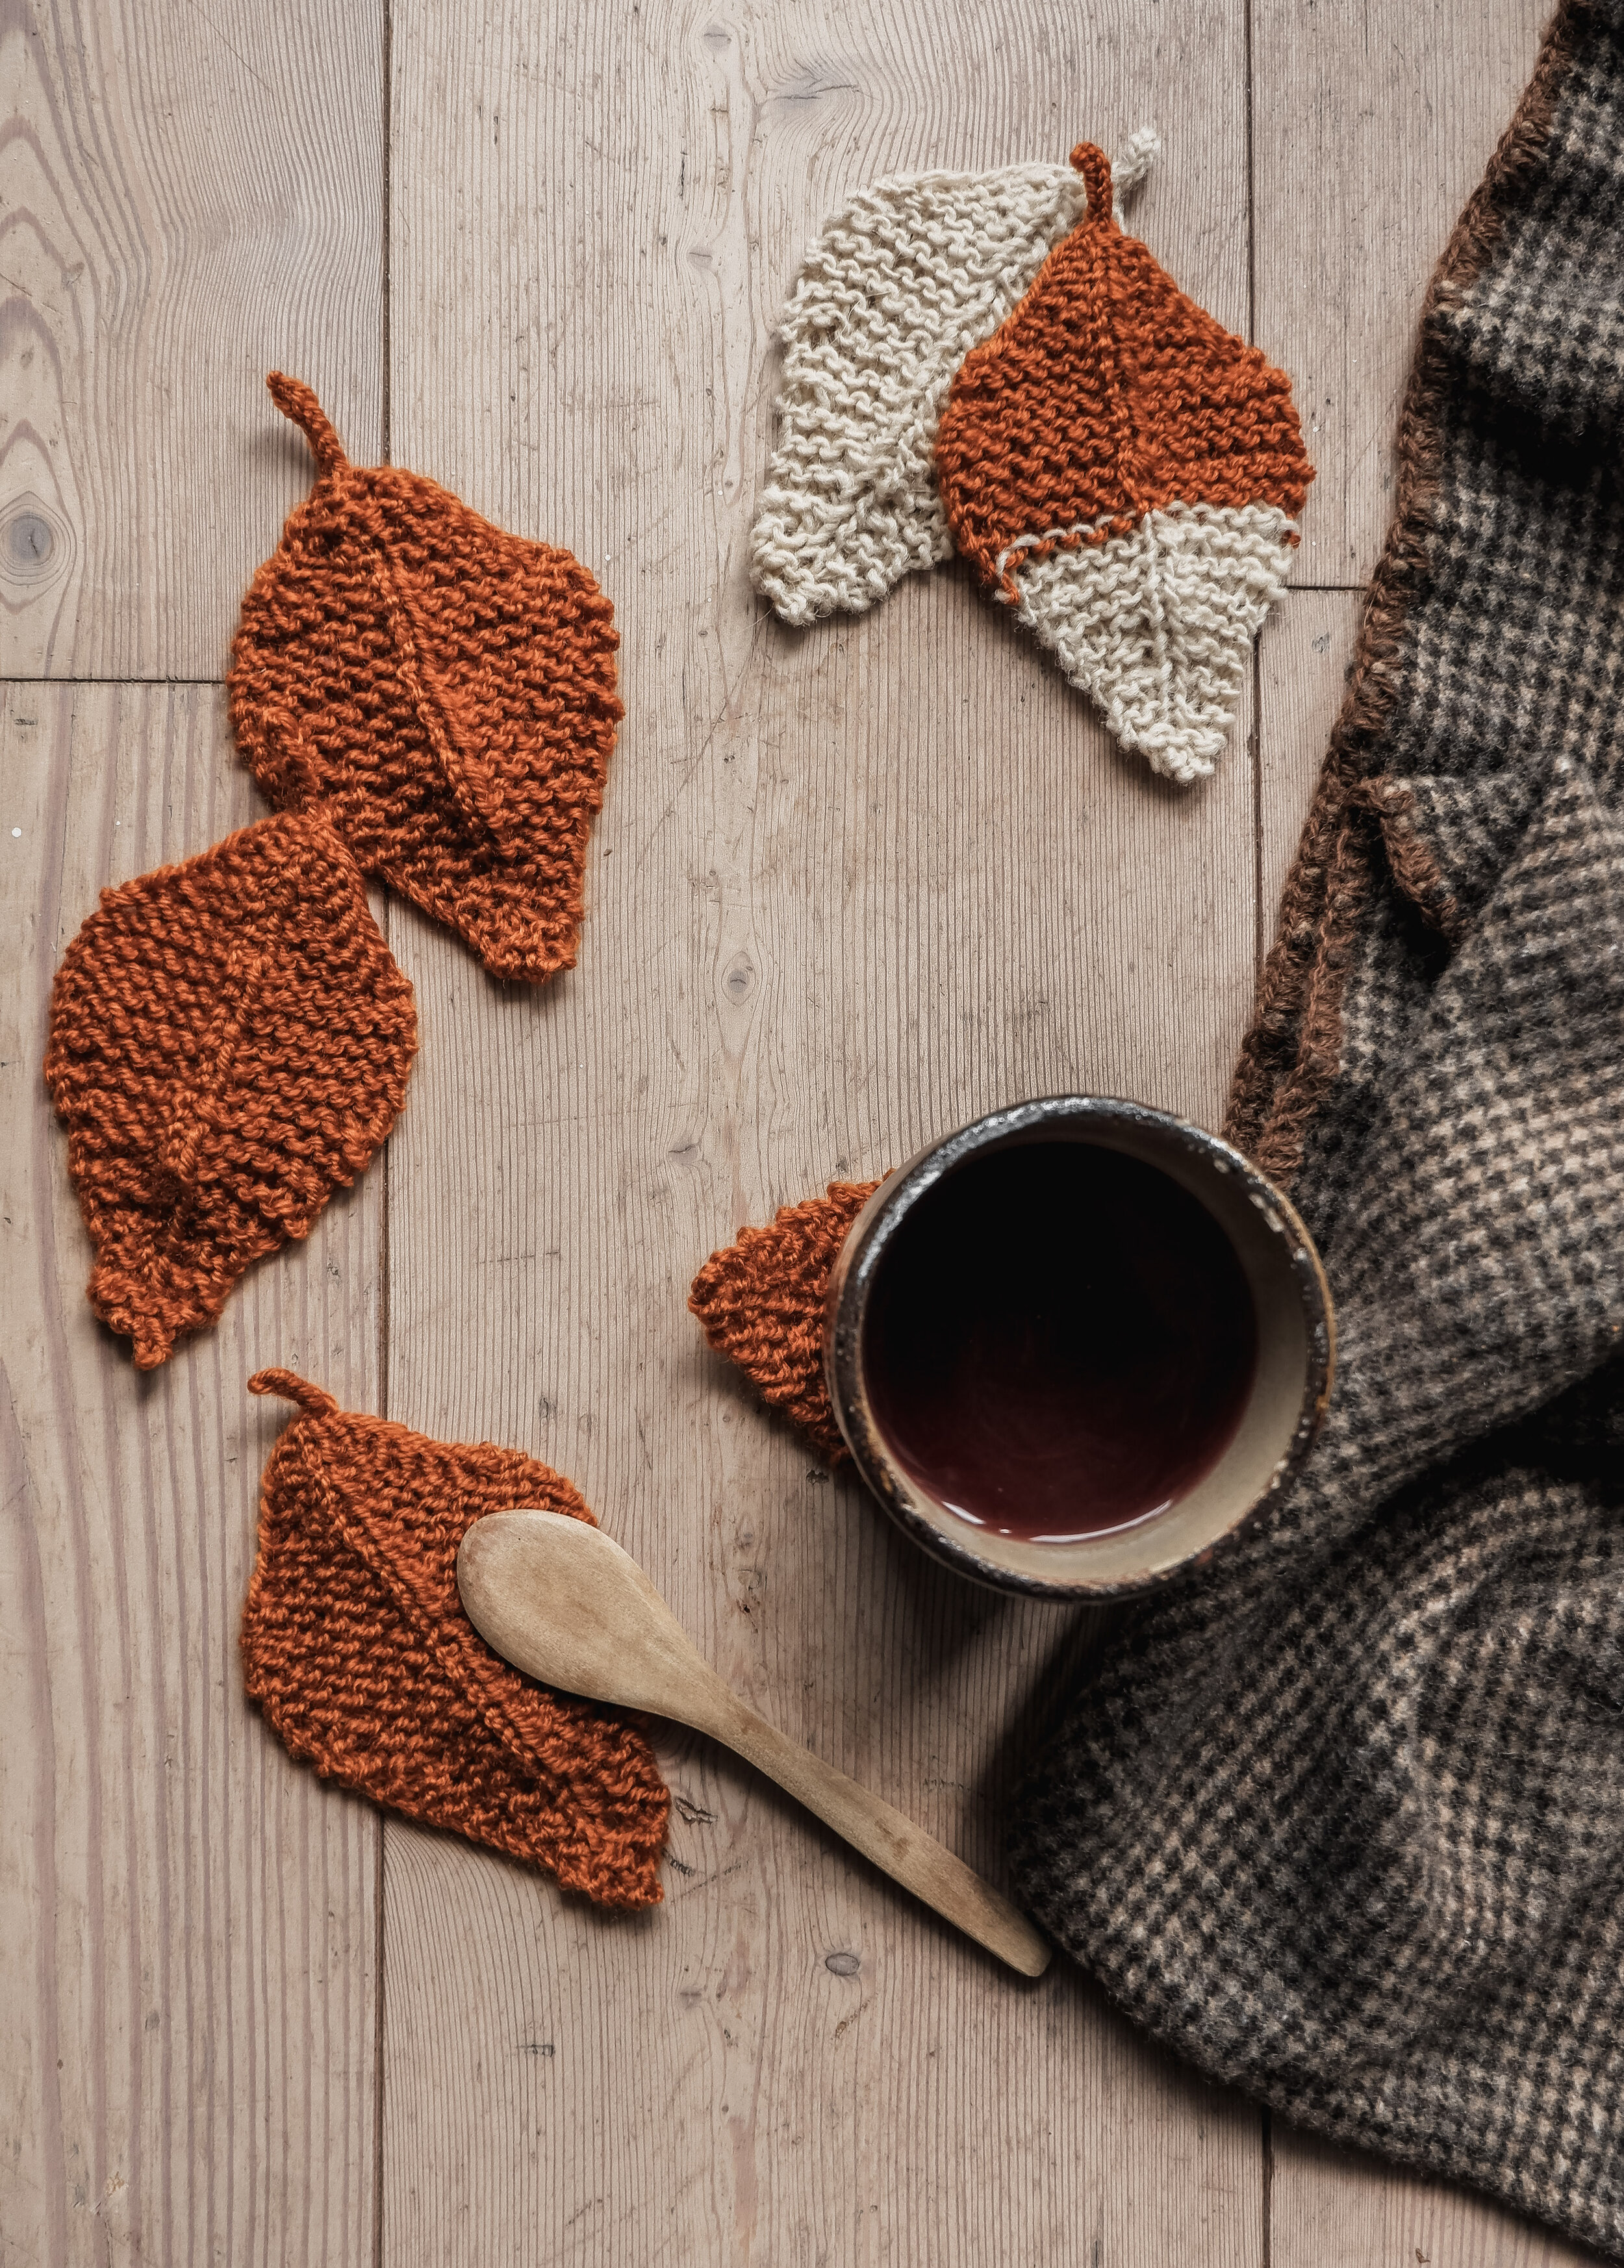 Knitting: I've fell in love with this pattern from  Irina Ferrer    [Maglia: mi sono innamorata di questo pattern di foglie]